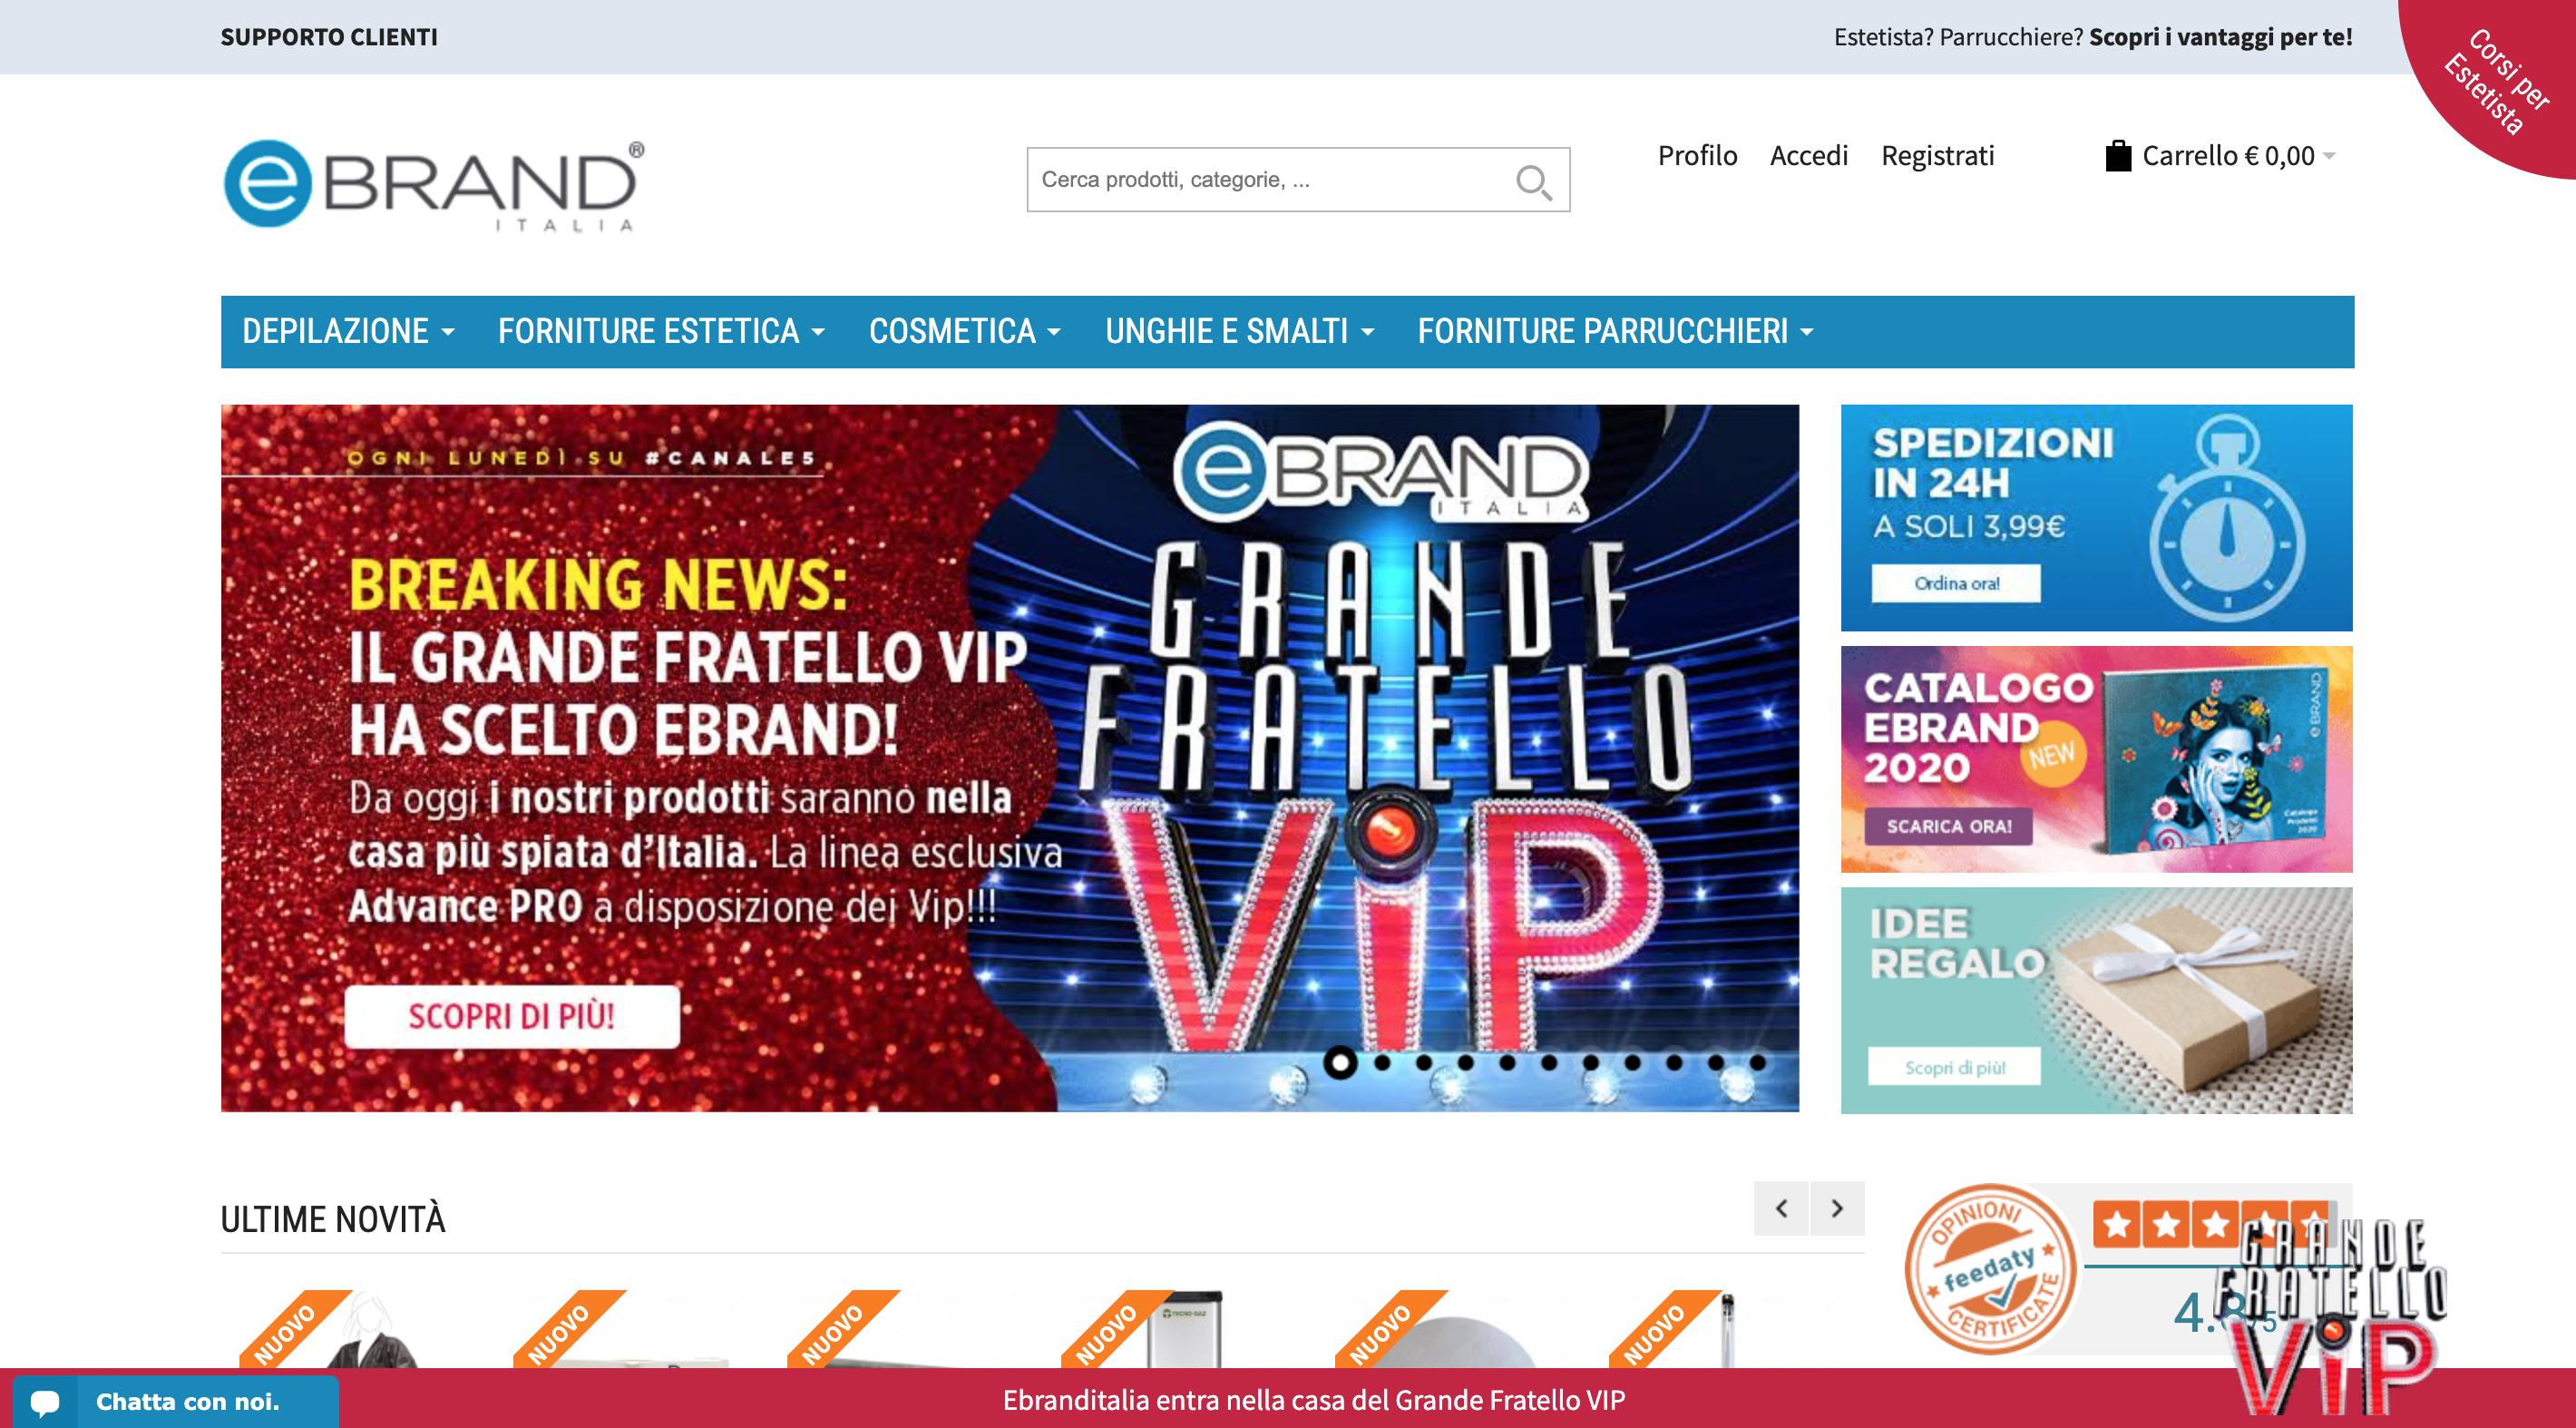 Grande Fratello Vip 2020 cosmetici Ebrand Italia